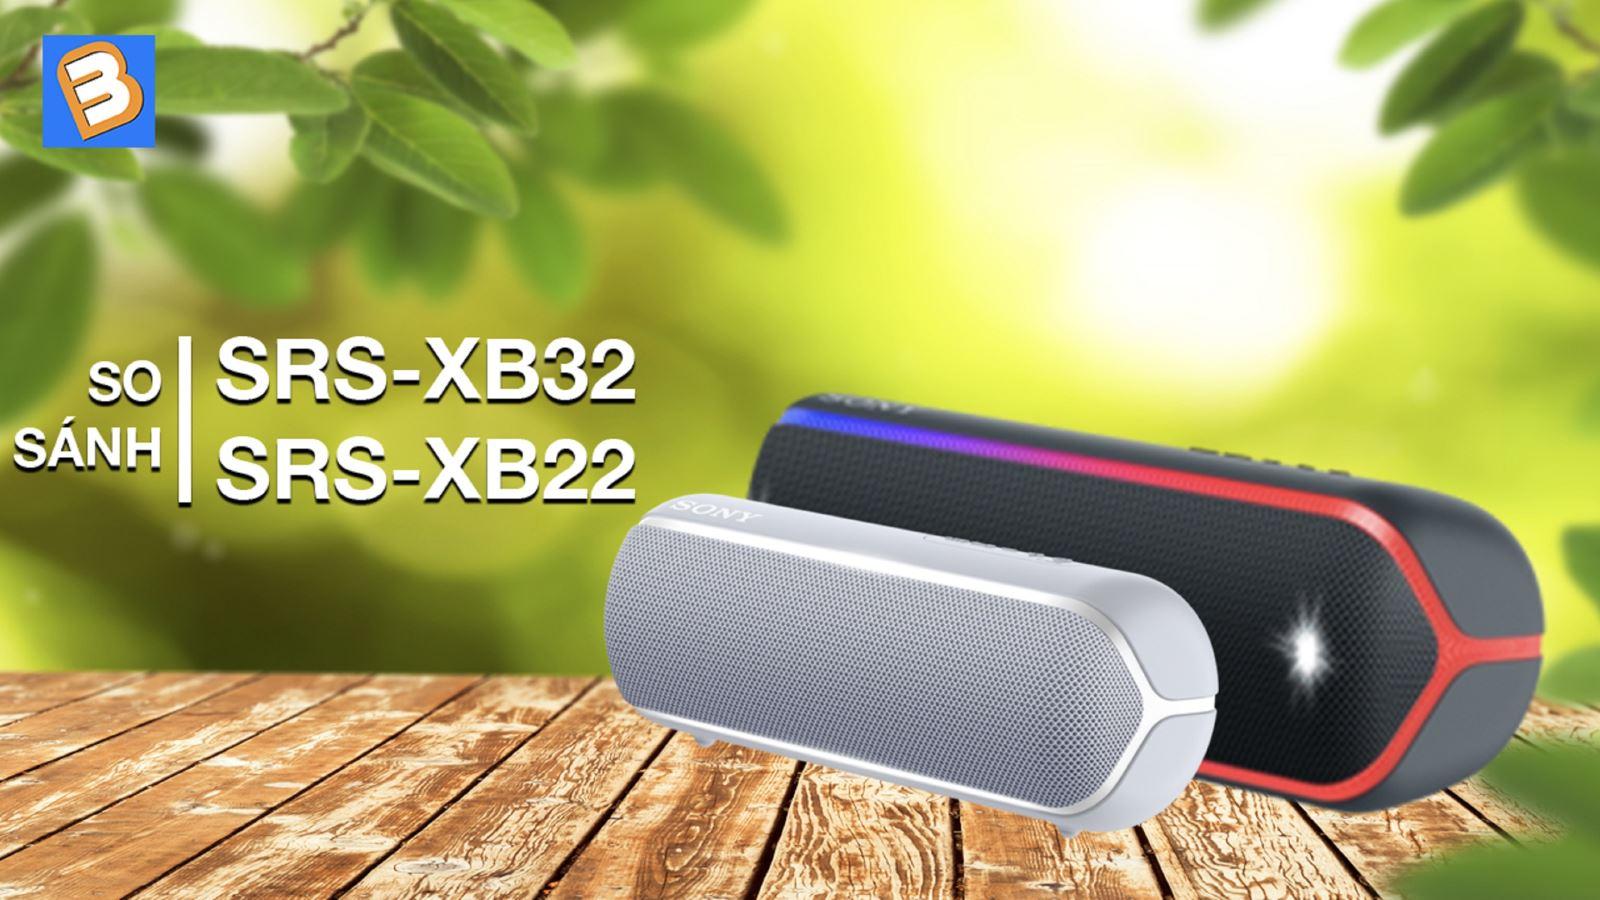 So sánh loaSony SRS-XB32 vàSRS-XB22